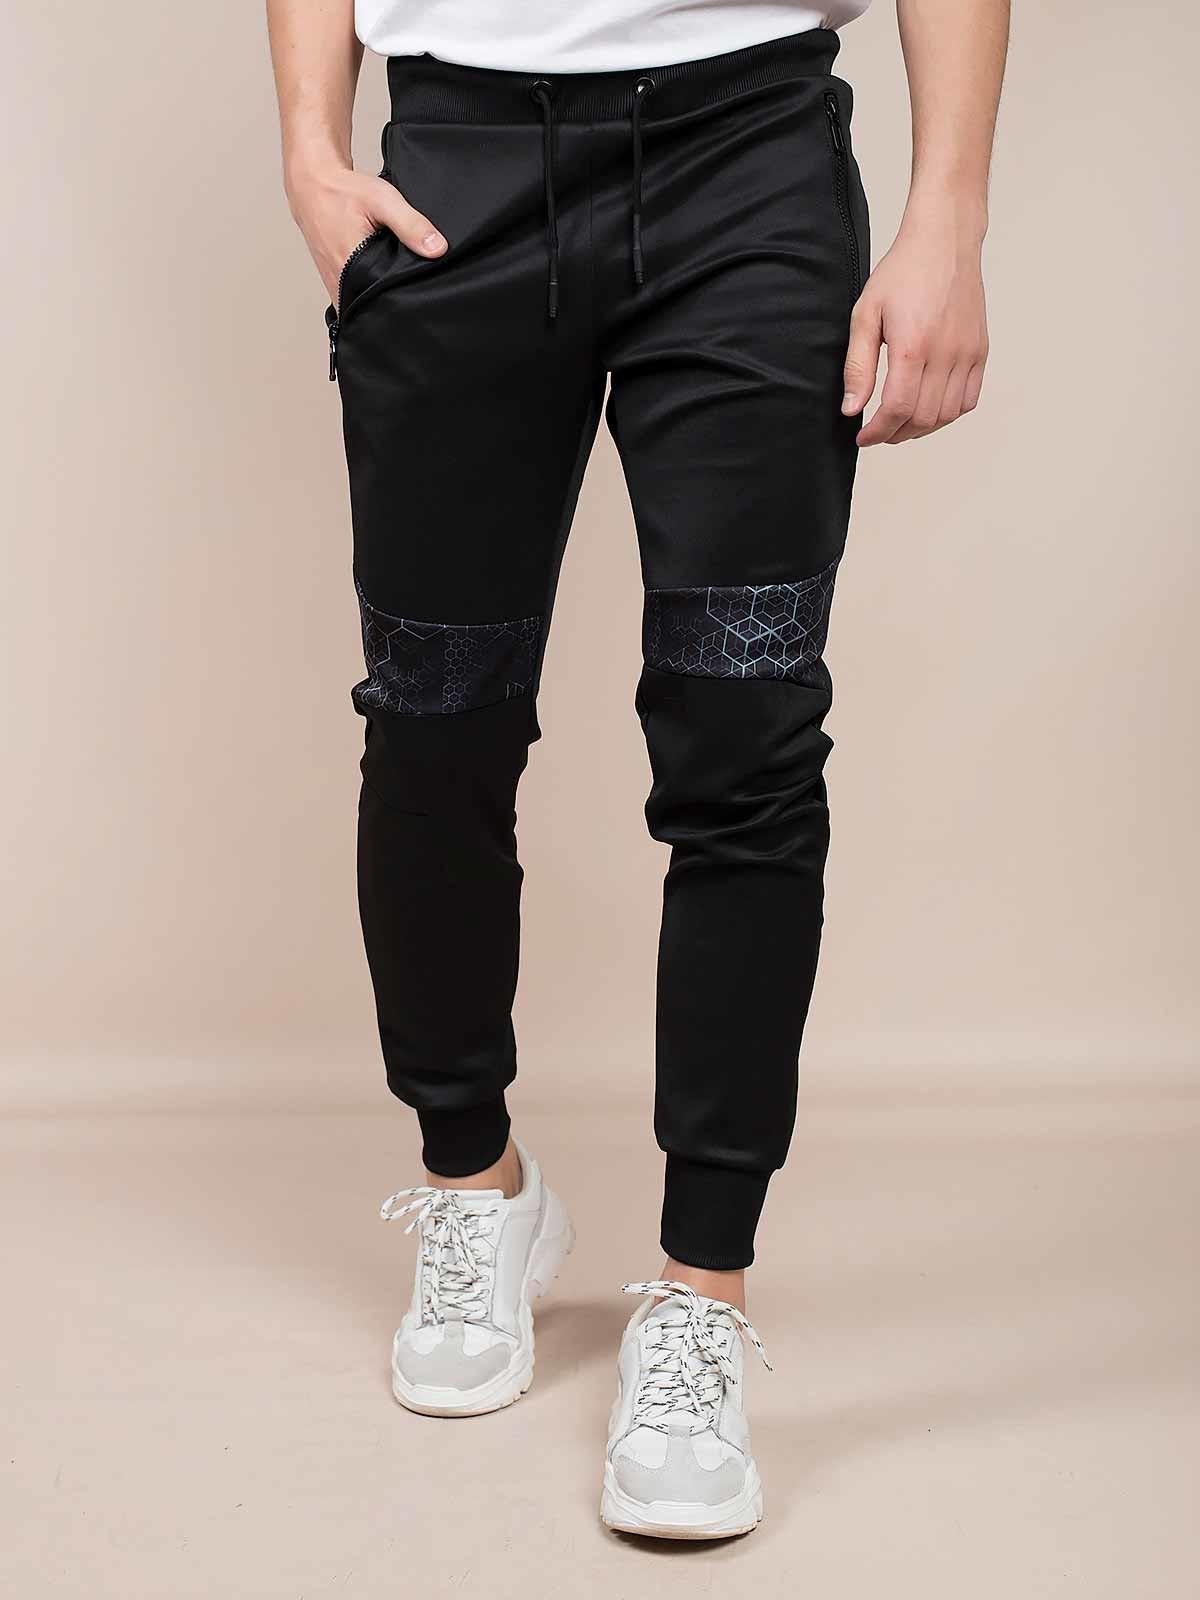 Calças pretas desportivas